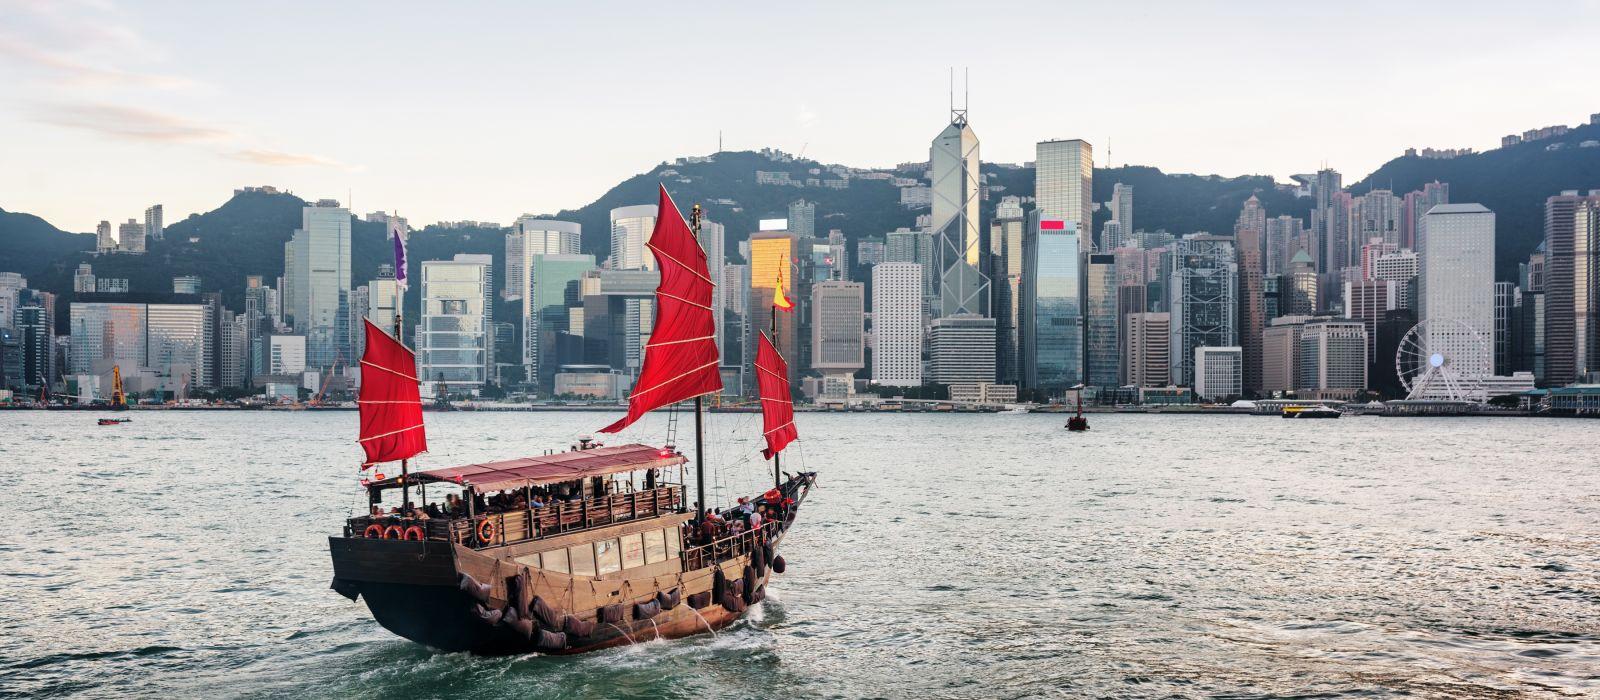 Panoramablick auf ein traditionelles chinesisches Holzsegelschiff mit roten Segeln, Hongkong Inseln, Asien